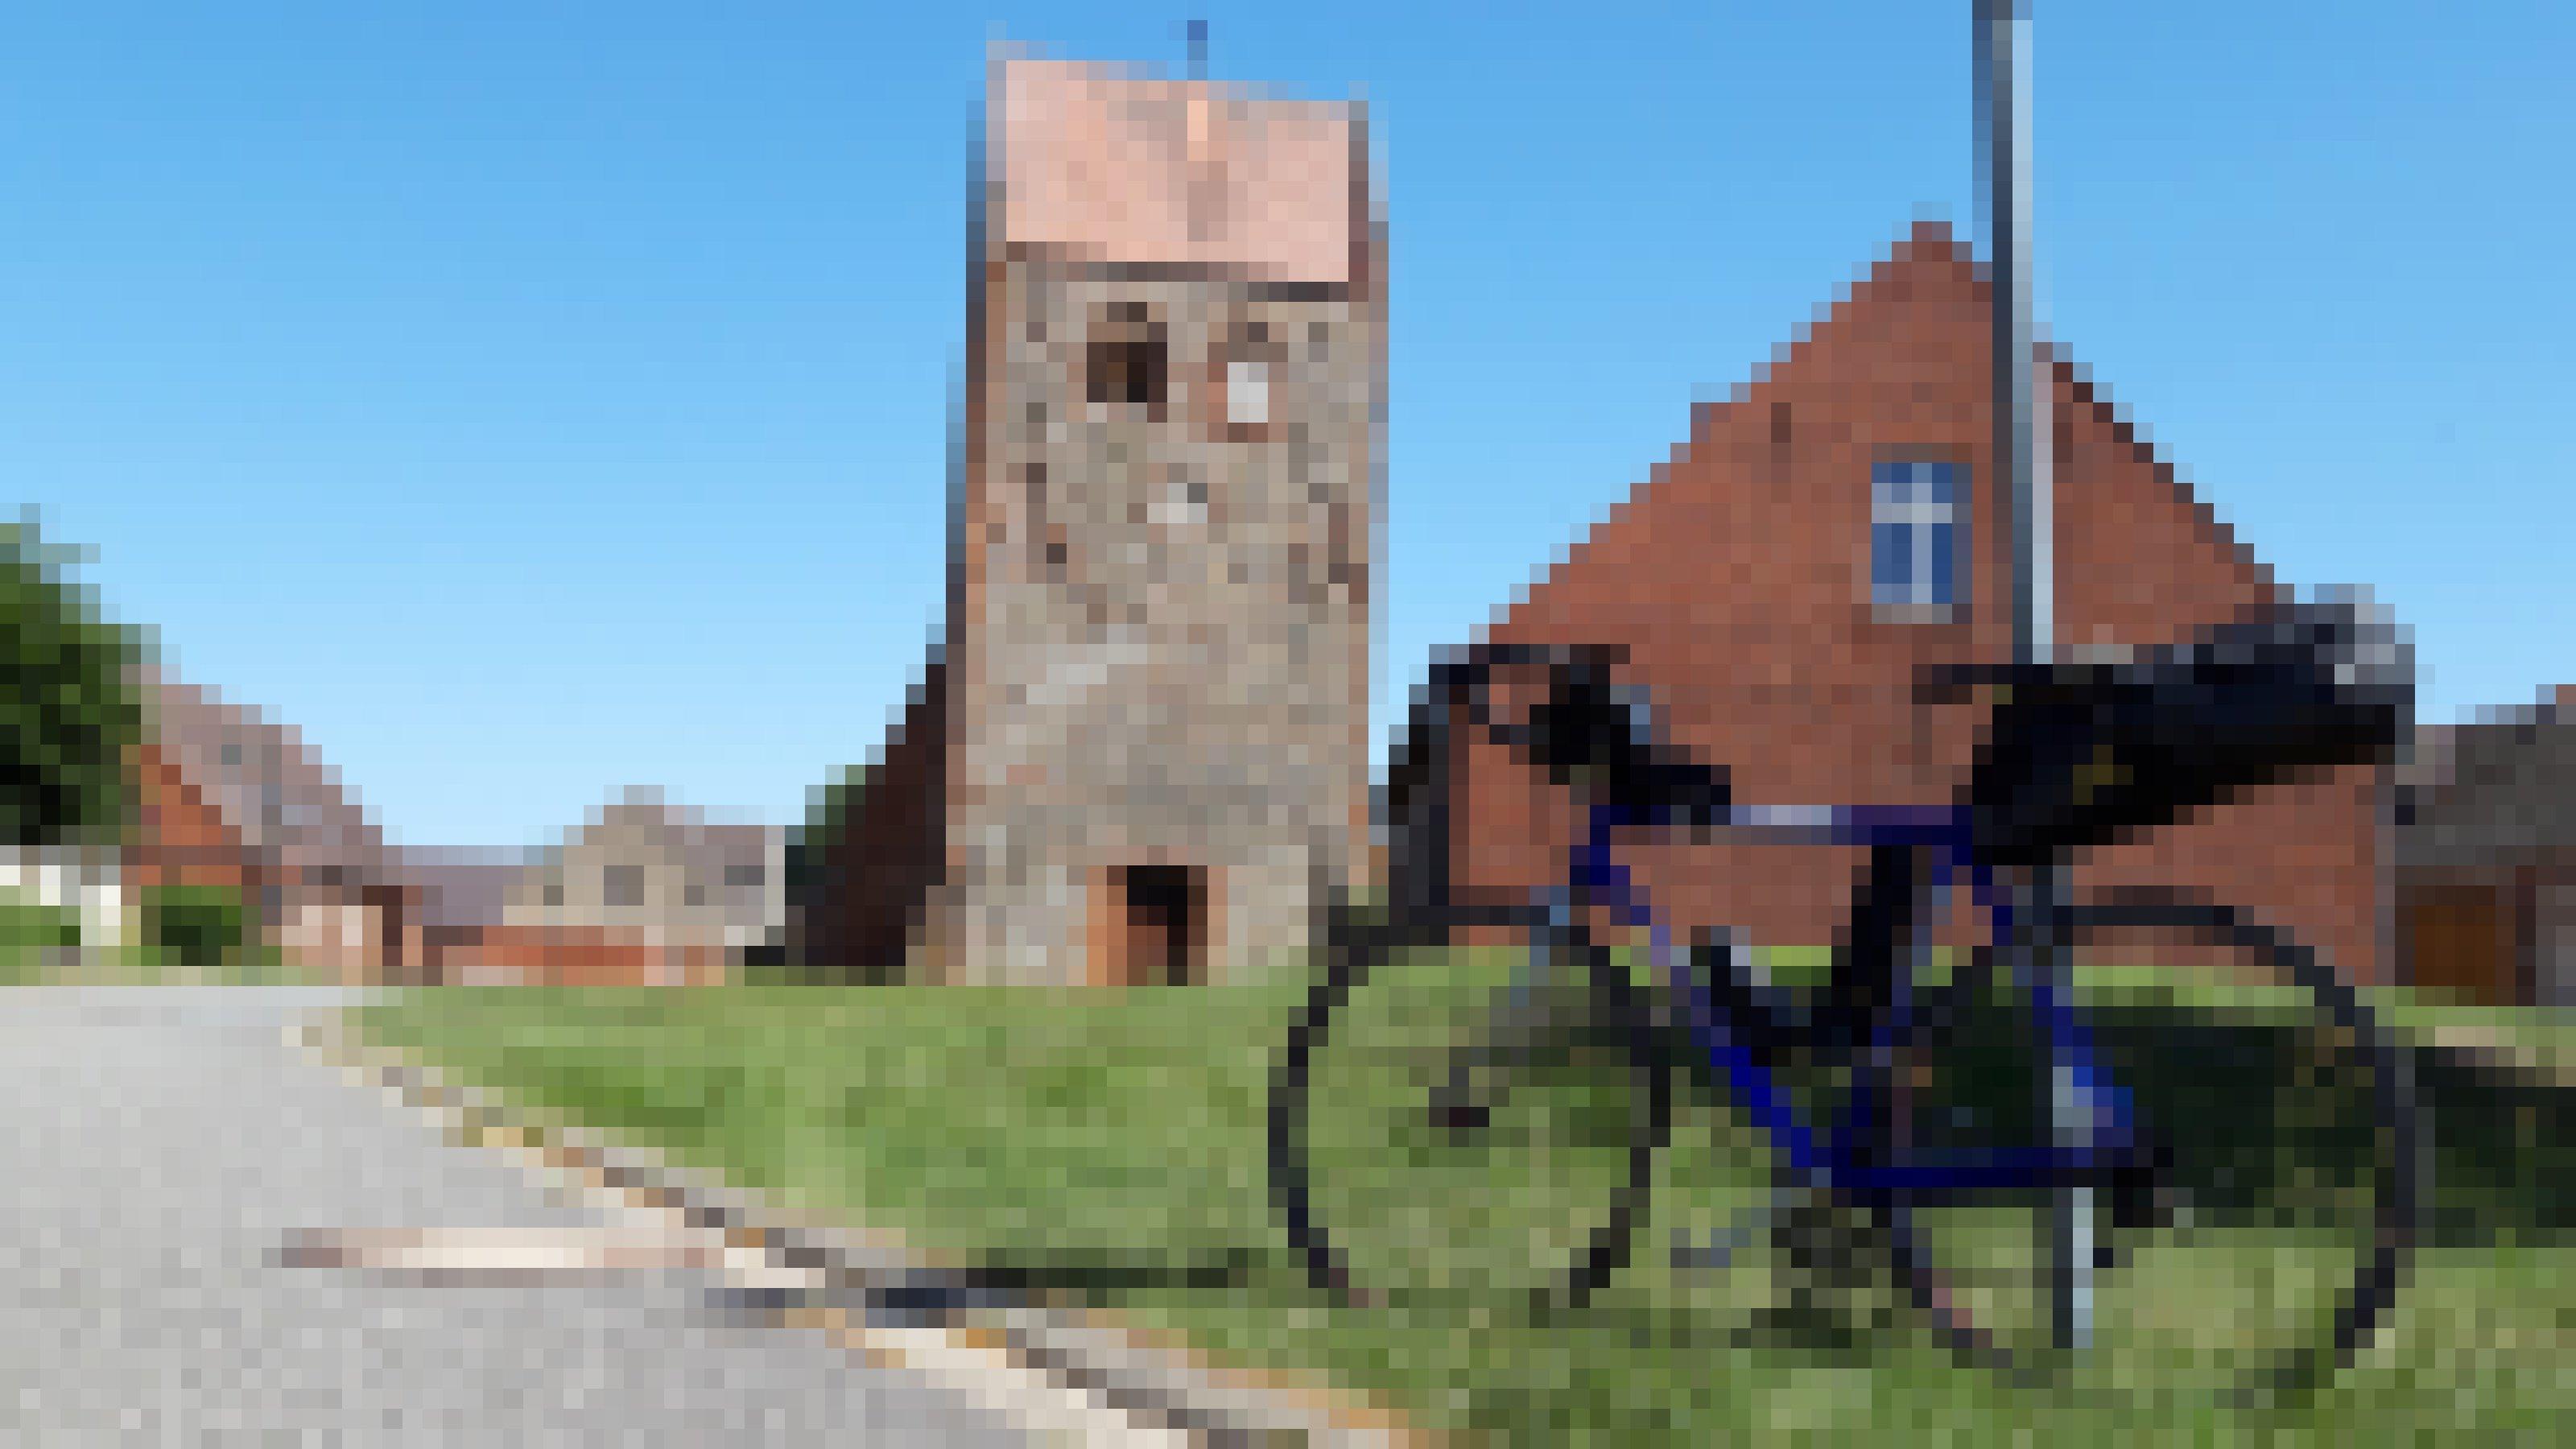 Mittelalterlicher Wehrturm in der Dormitte, im Vordergund das Rennrad des RadelndenReporters.